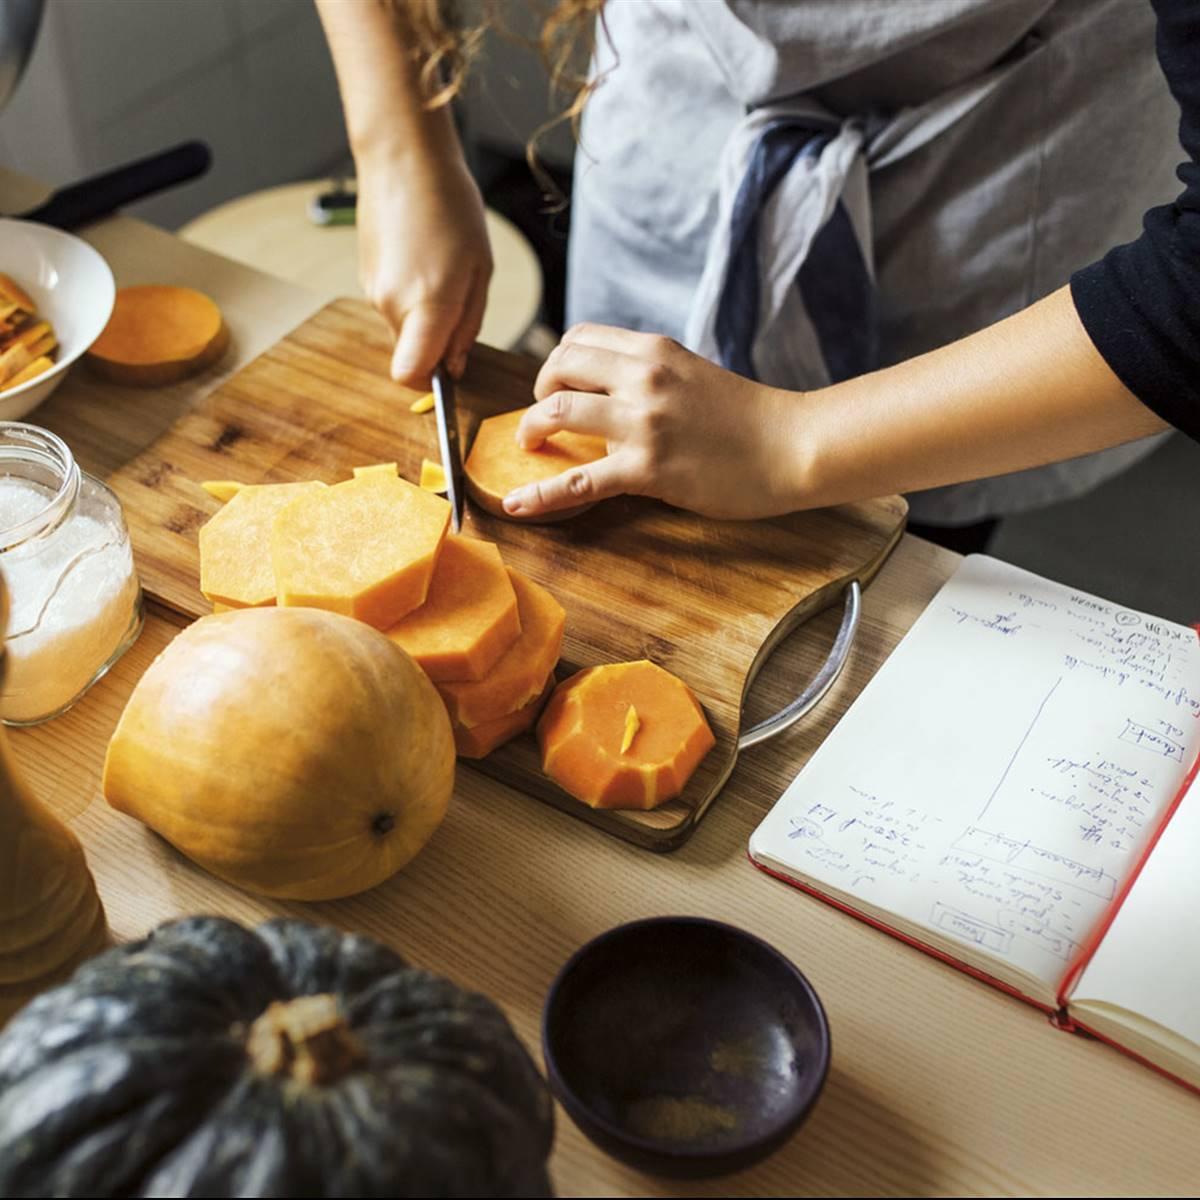 Bruciore di stomaco: cosa mangiare e menù settimanale per il reflusso